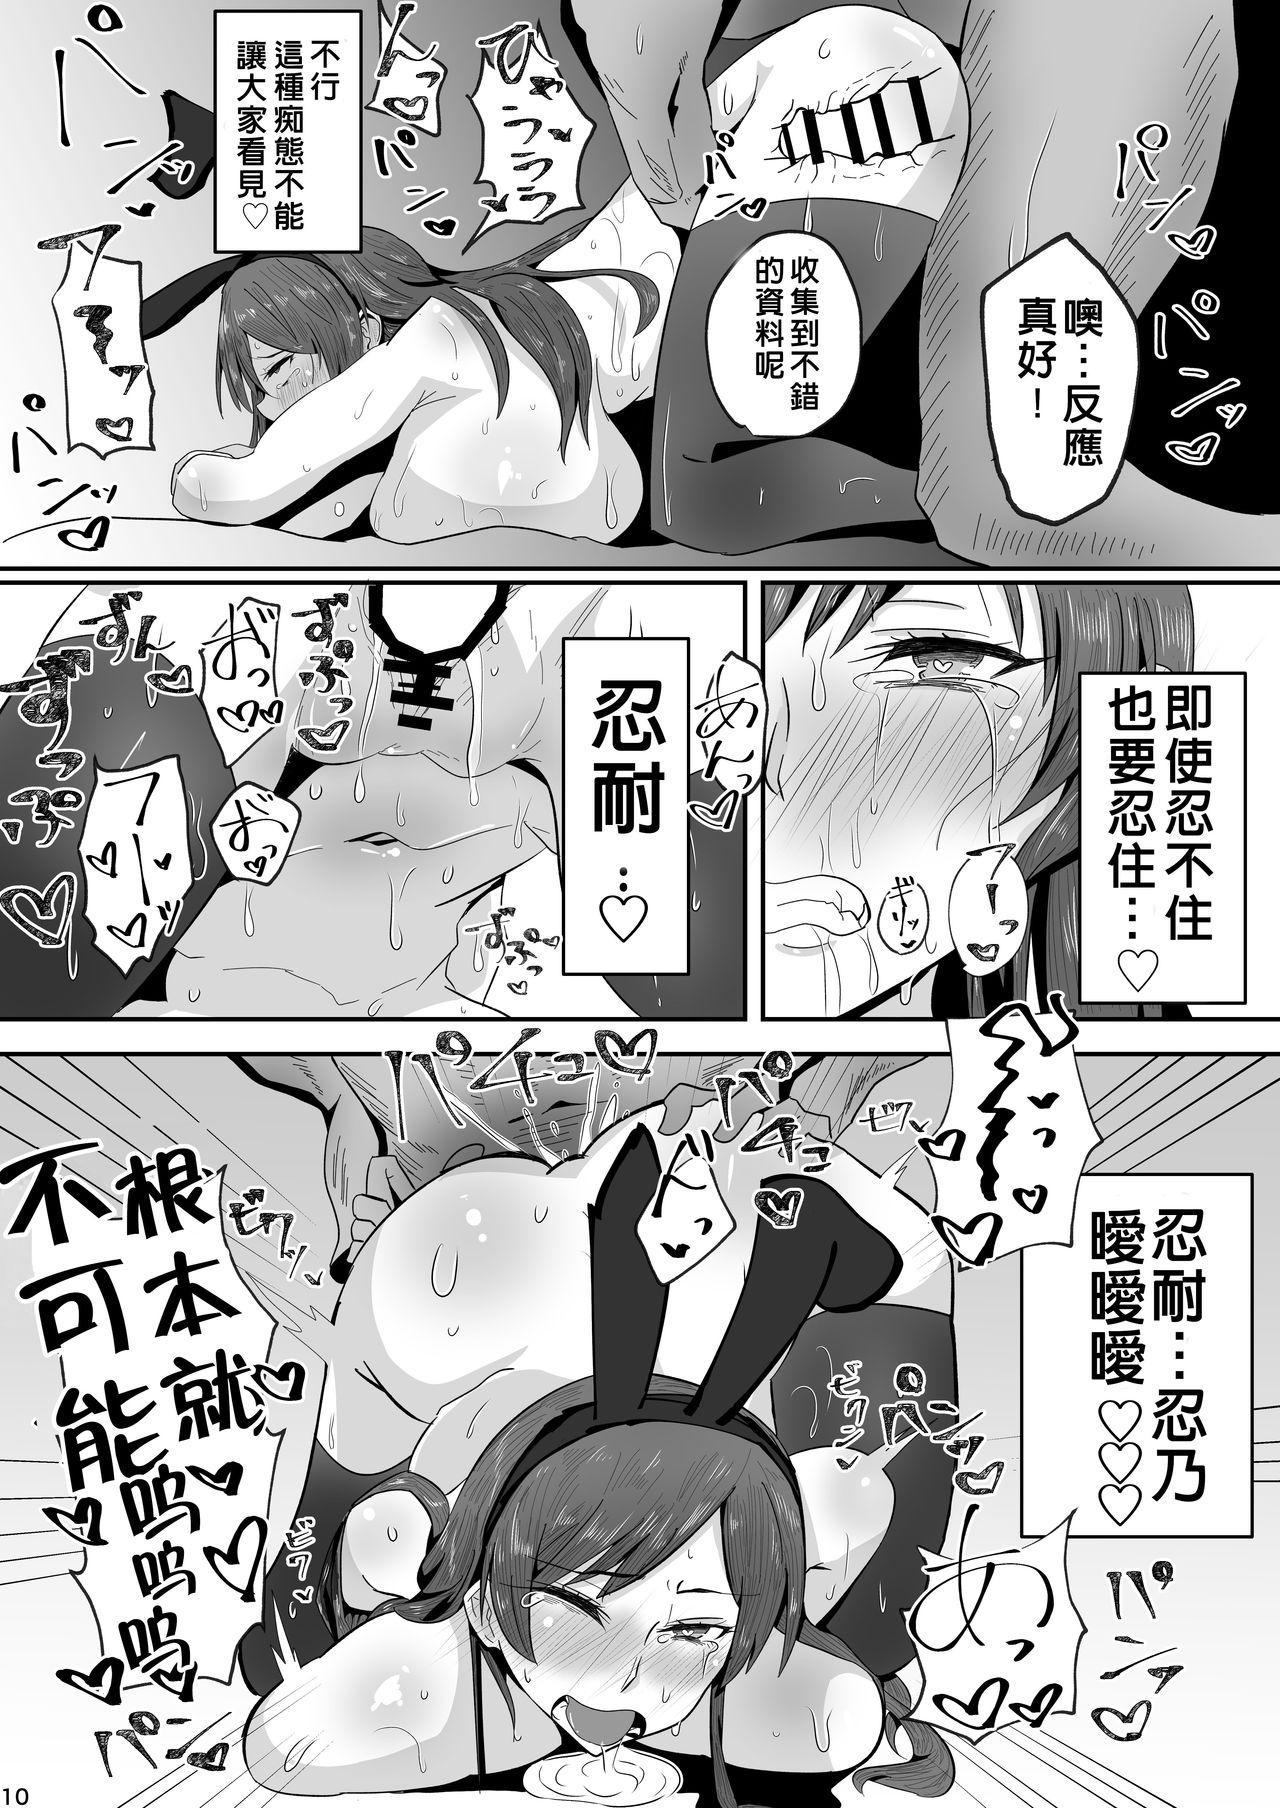 Minami! Eroge Tsukurukara Ippatsu Yarasete Kure! 10